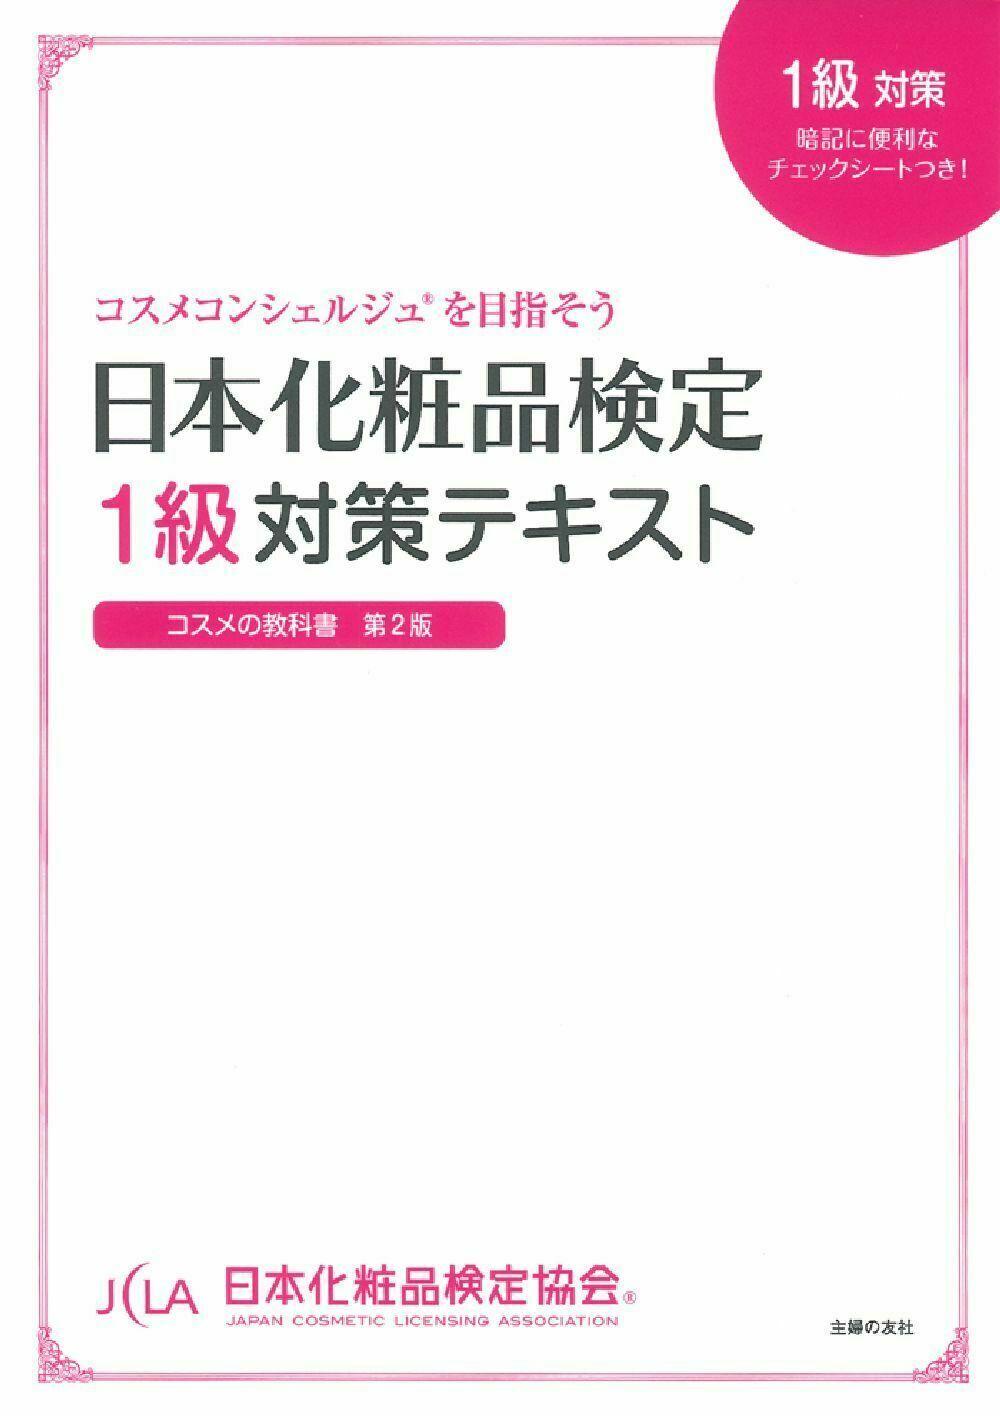 日本化粧品検定1級対策テキストコスメの教科書 コスメコンシェルジュを目指そう  第2版/主婦の友社/小西さやか